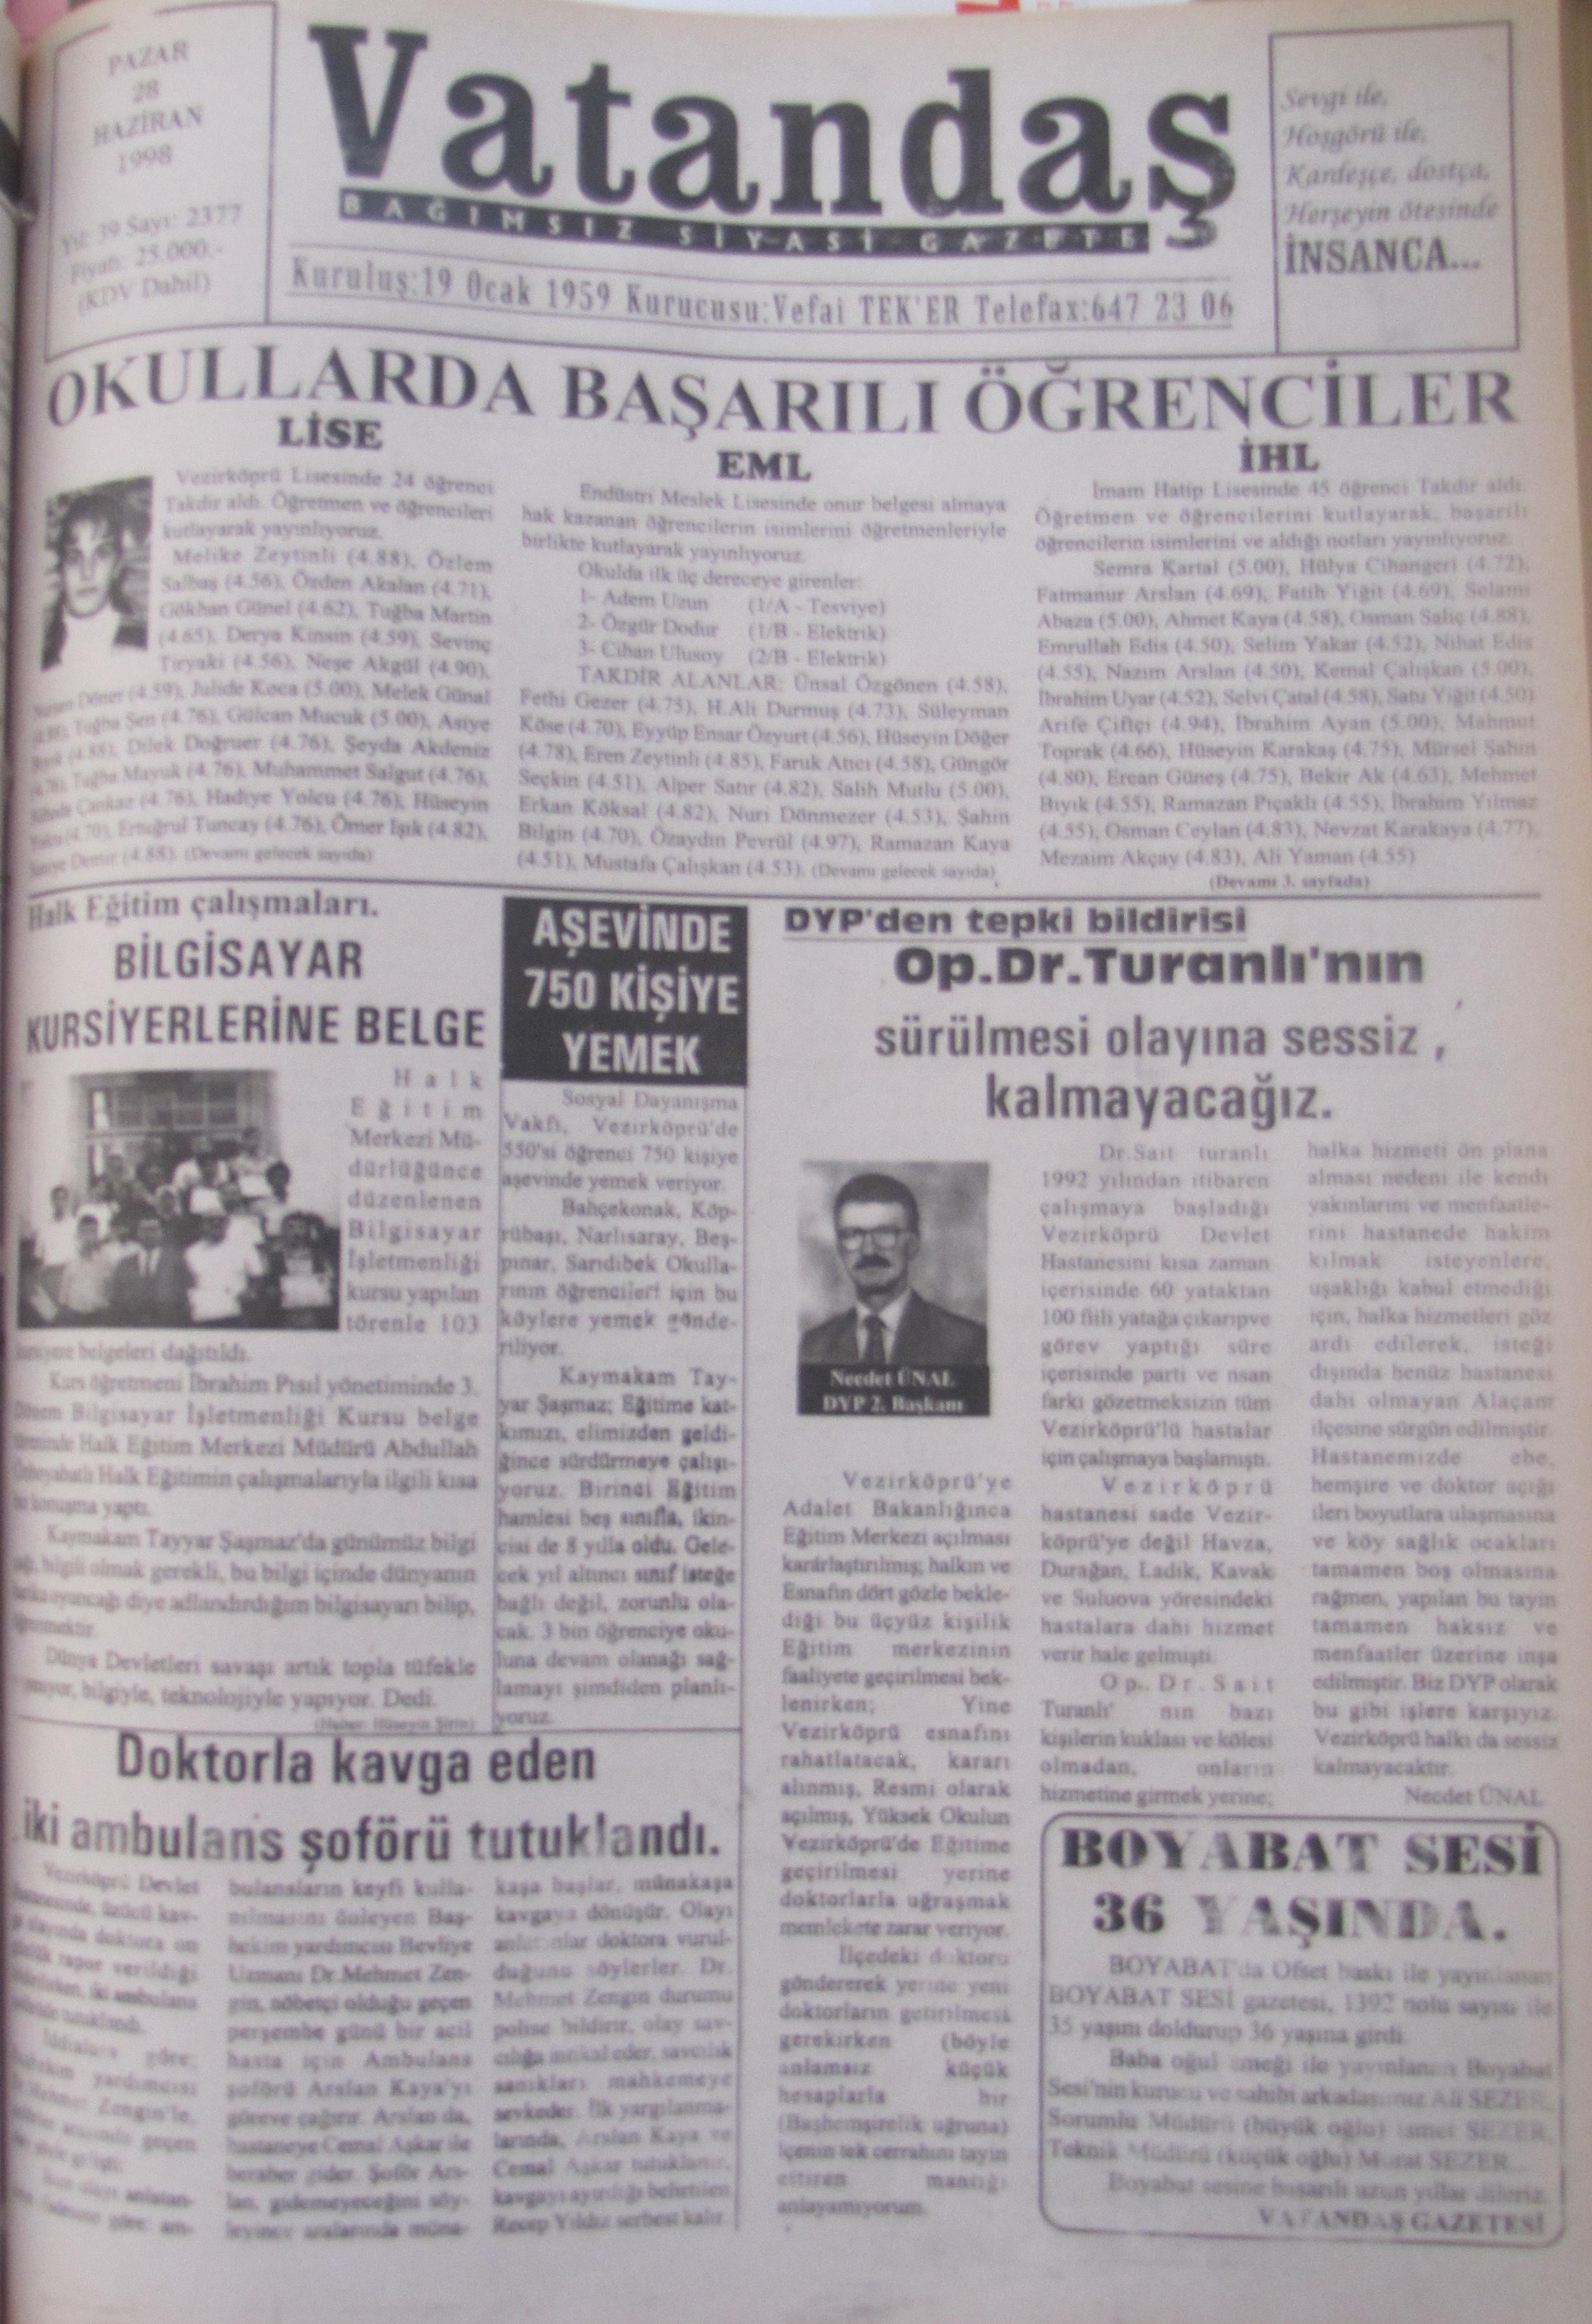 28 Haziran 1998  Pazar Okullarda Başarılı Öğrenciler